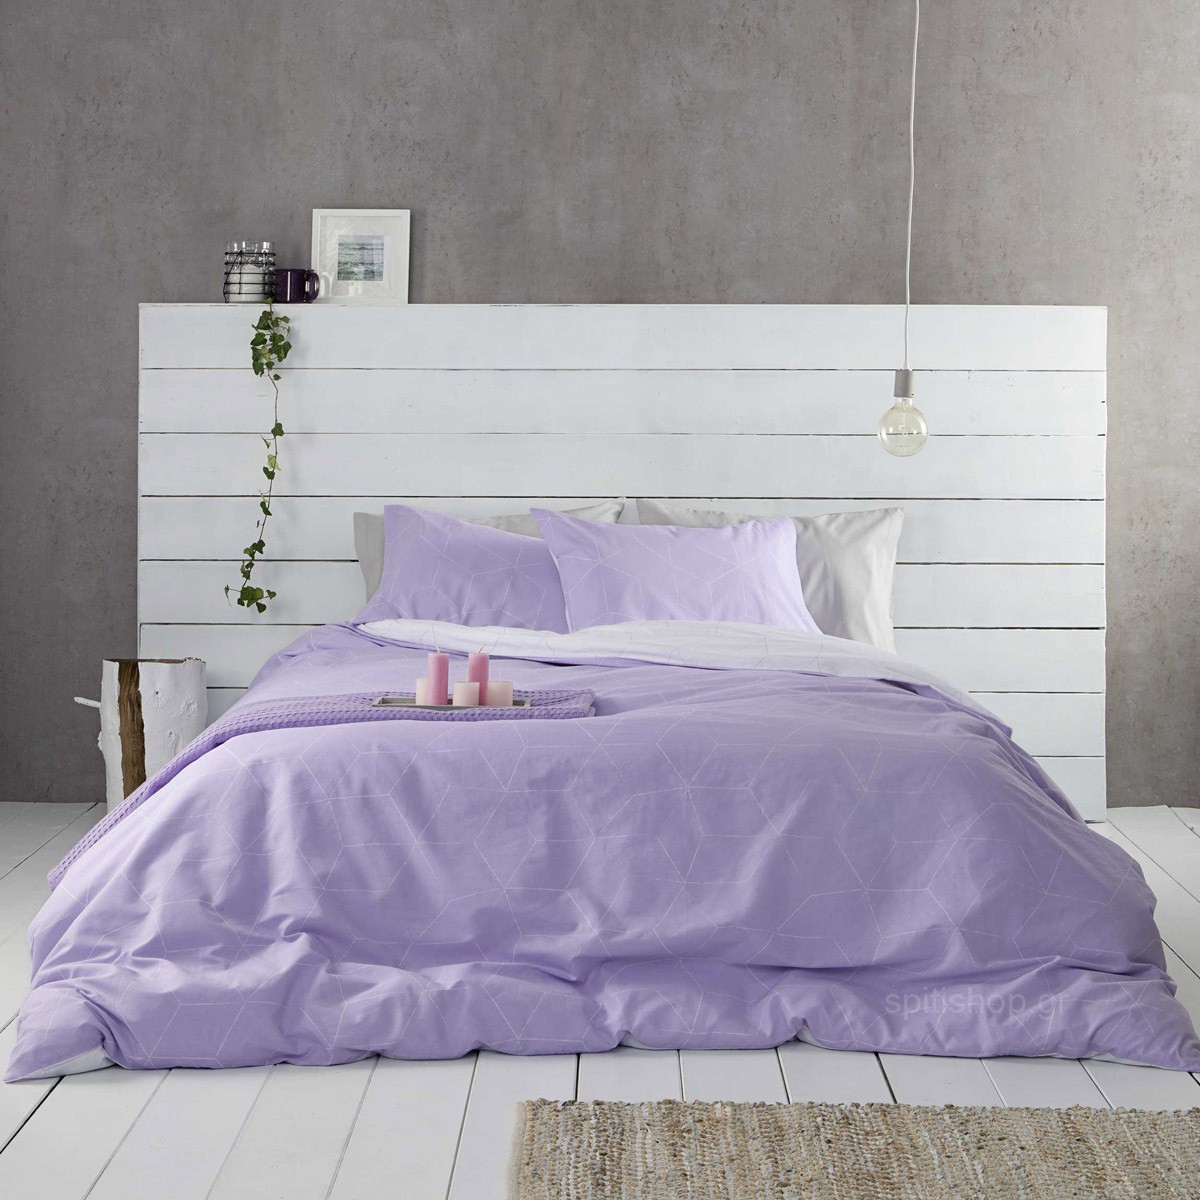 Σεντόνια Μονά (Σετ) Nima Bed Linen Fade Lilac ΧΩΡΙΣ ΛΑΣΤΙΧΟ 170×260 ΧΩΡΙΣ ΛΑΣΤΙΧΟ 170×260